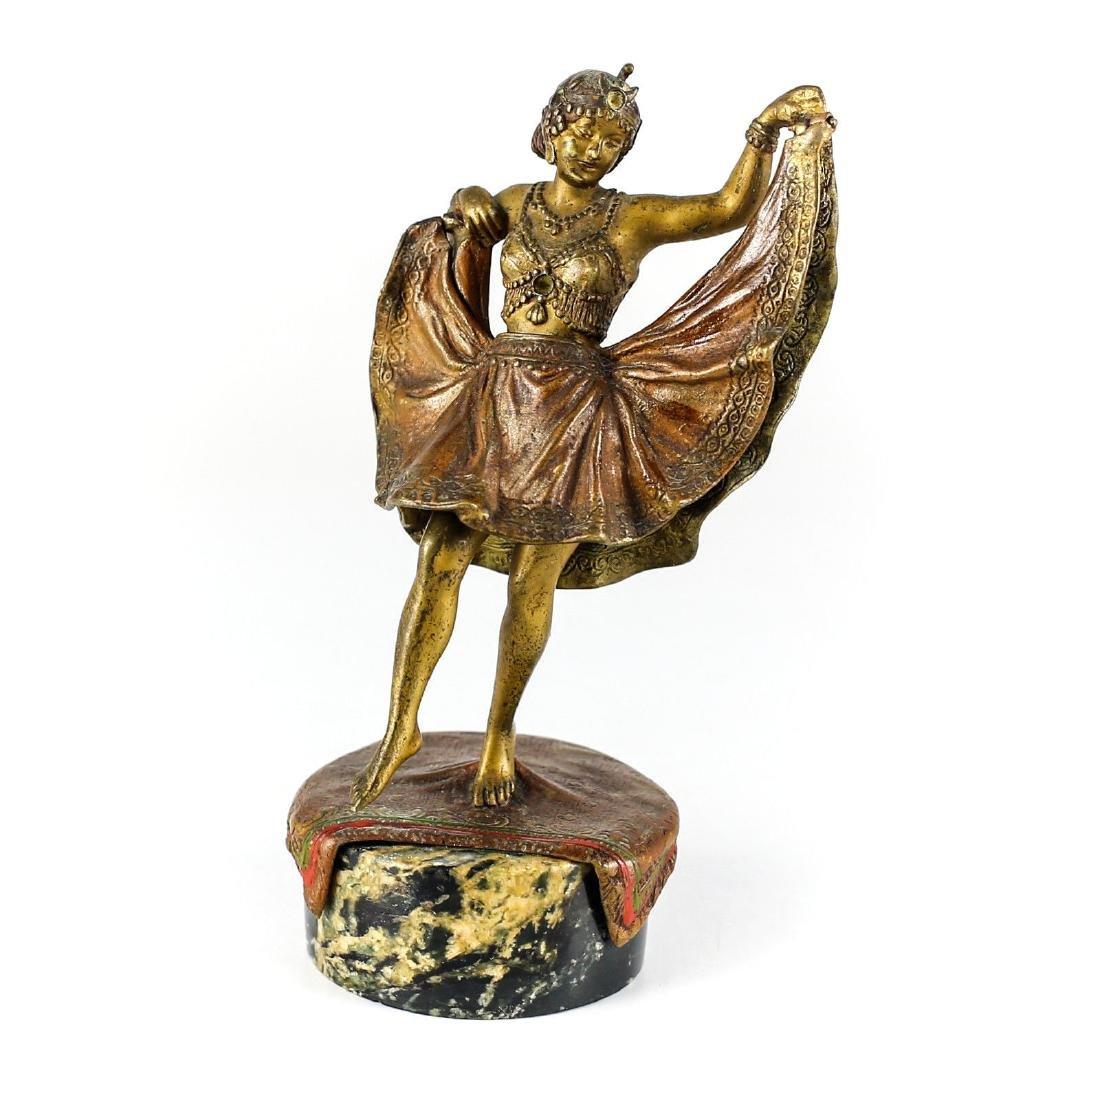 Bergman Cold Painted Bronze Figure